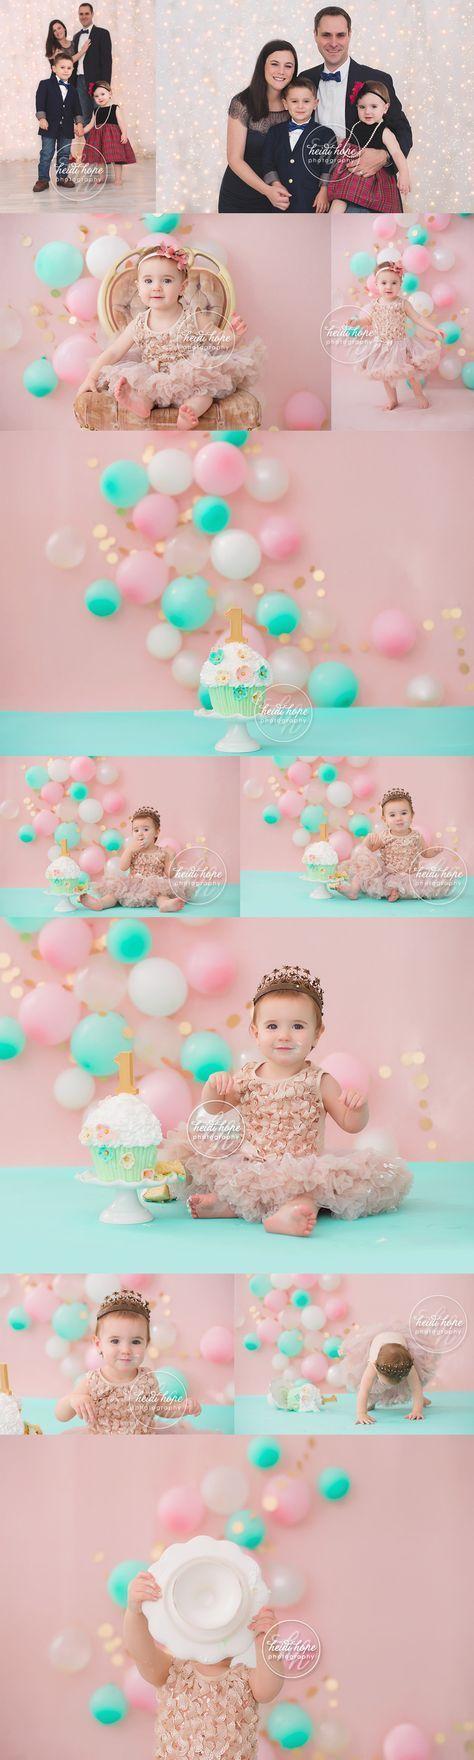 Celebrando el primer cumpleaños con un pastel rosado, dorado y verde menta. Cake Smash para una princesa. Fotografía